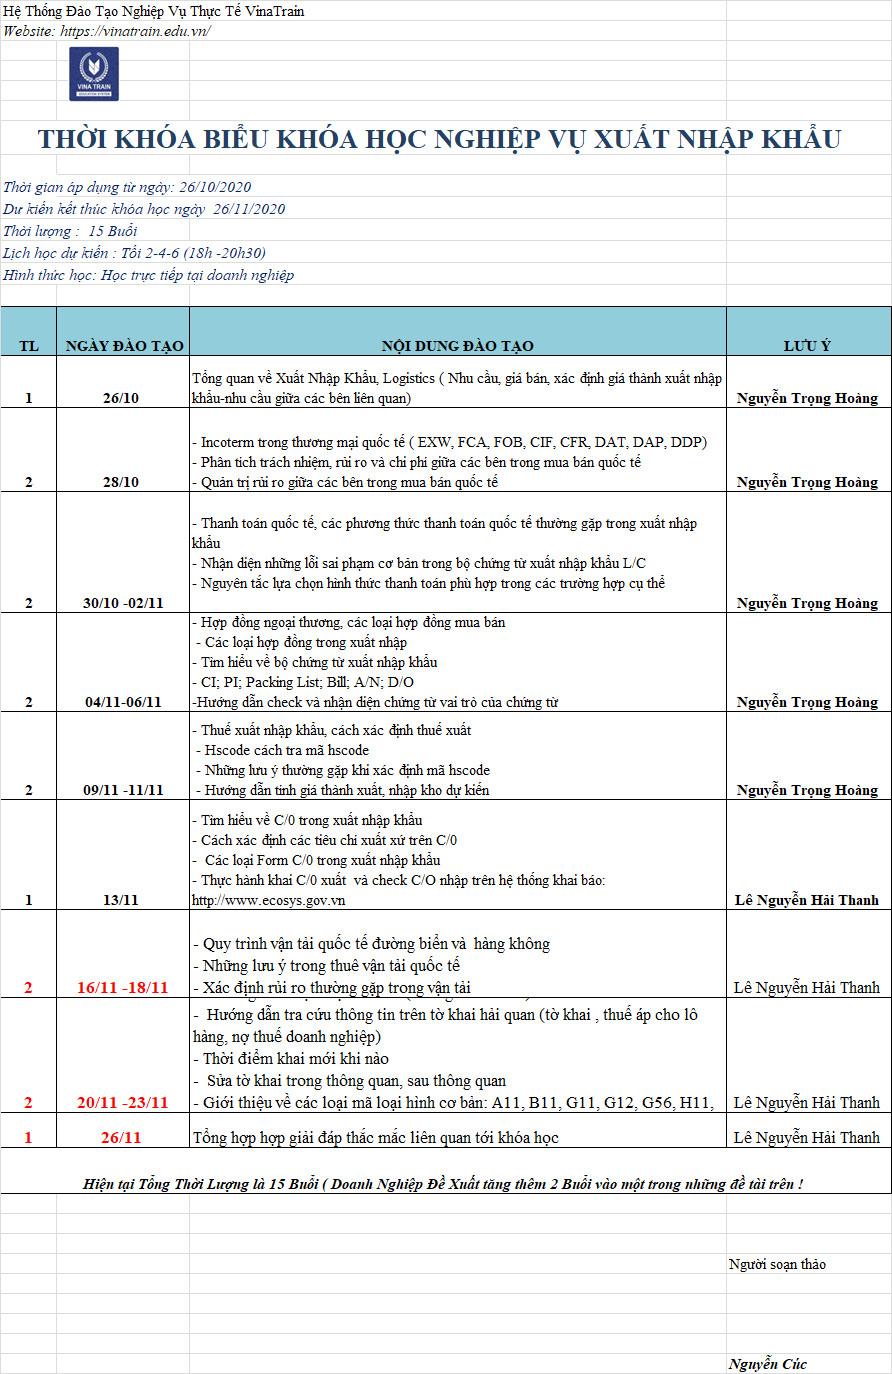 Phác thảo sơ bộ nội dung đào tạo xuất nhập khẩu tại doanh nghiệp